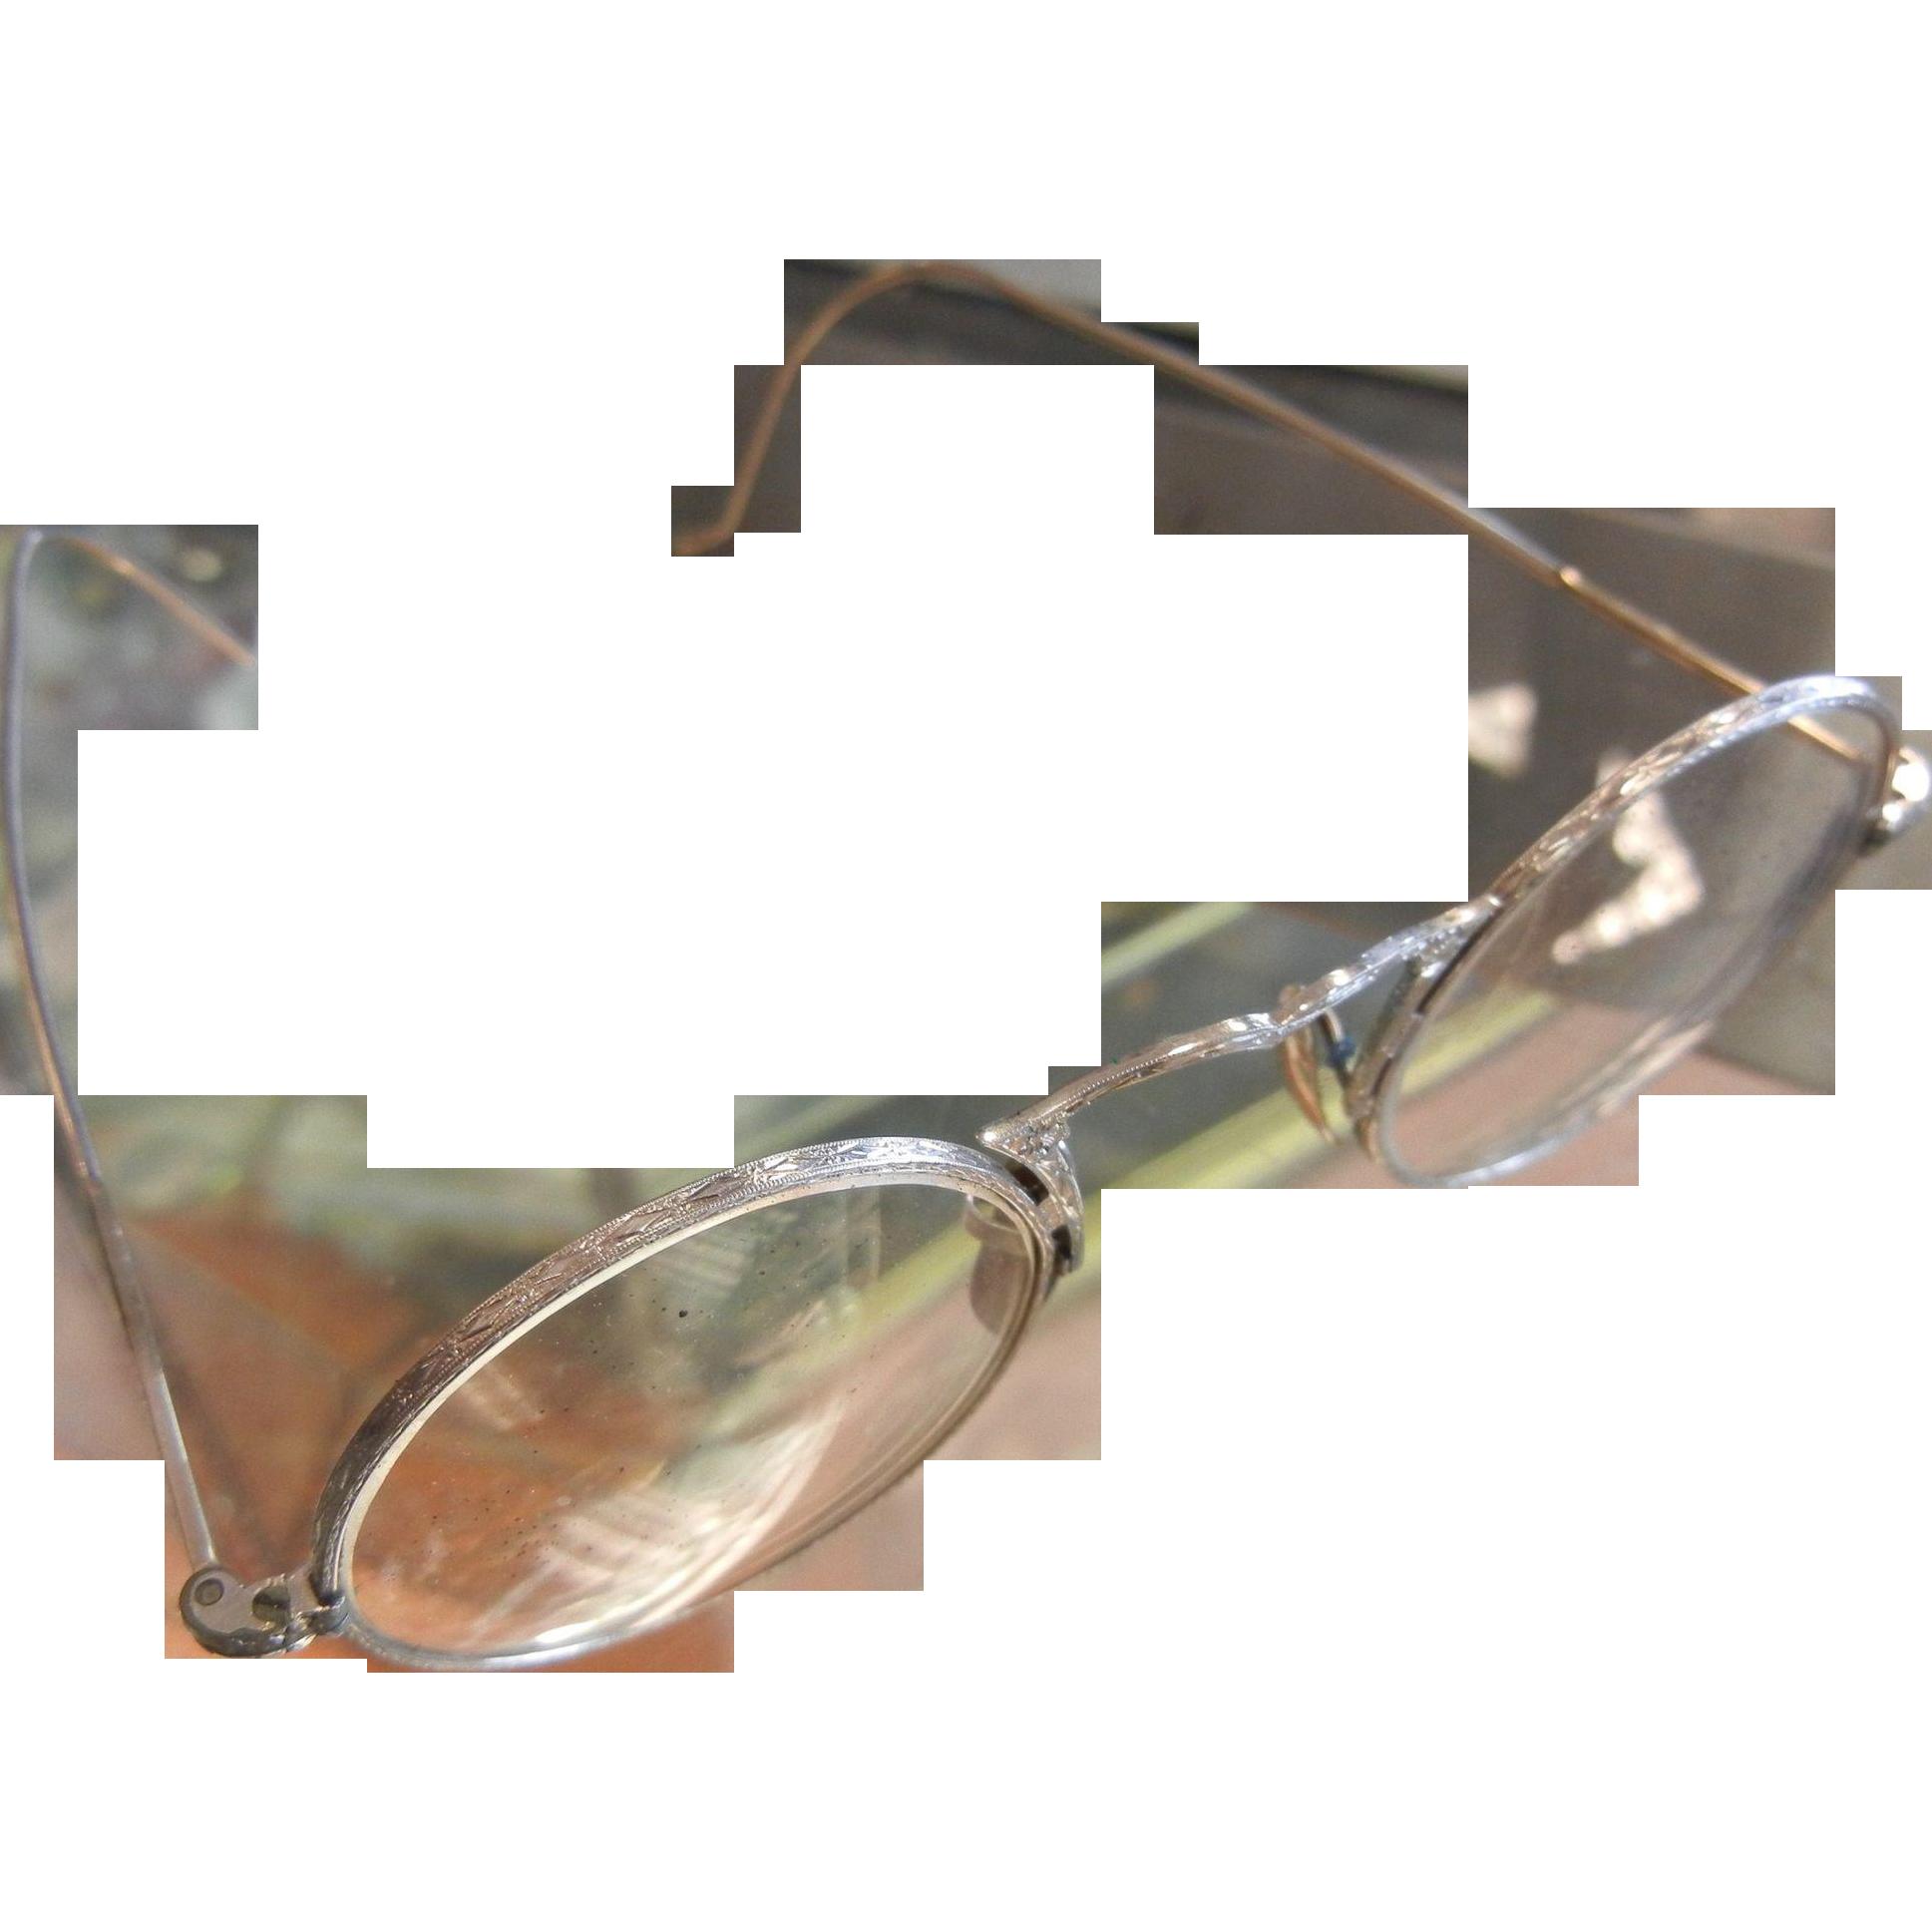 Vintage 10K White Gold Filled Eyeglasses